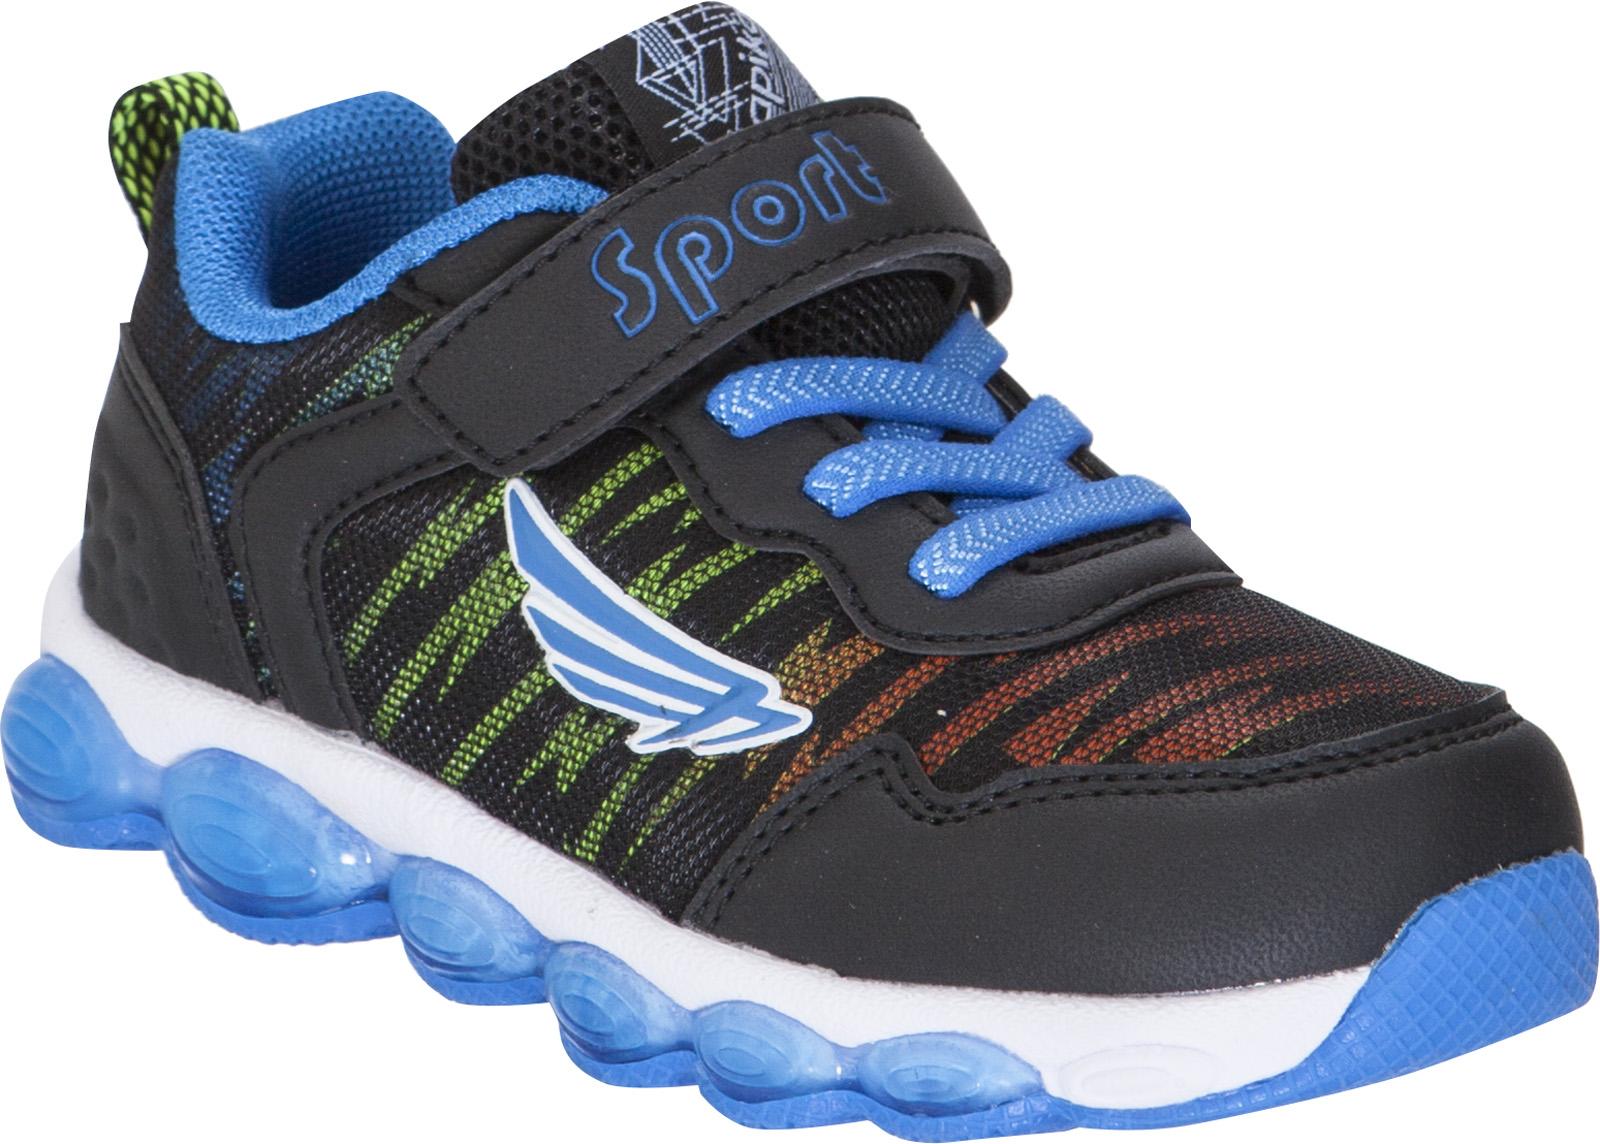 Кроссовки для мальчика Kapika, цвет: черный, синий. 72270-2. Размер 2572270-2